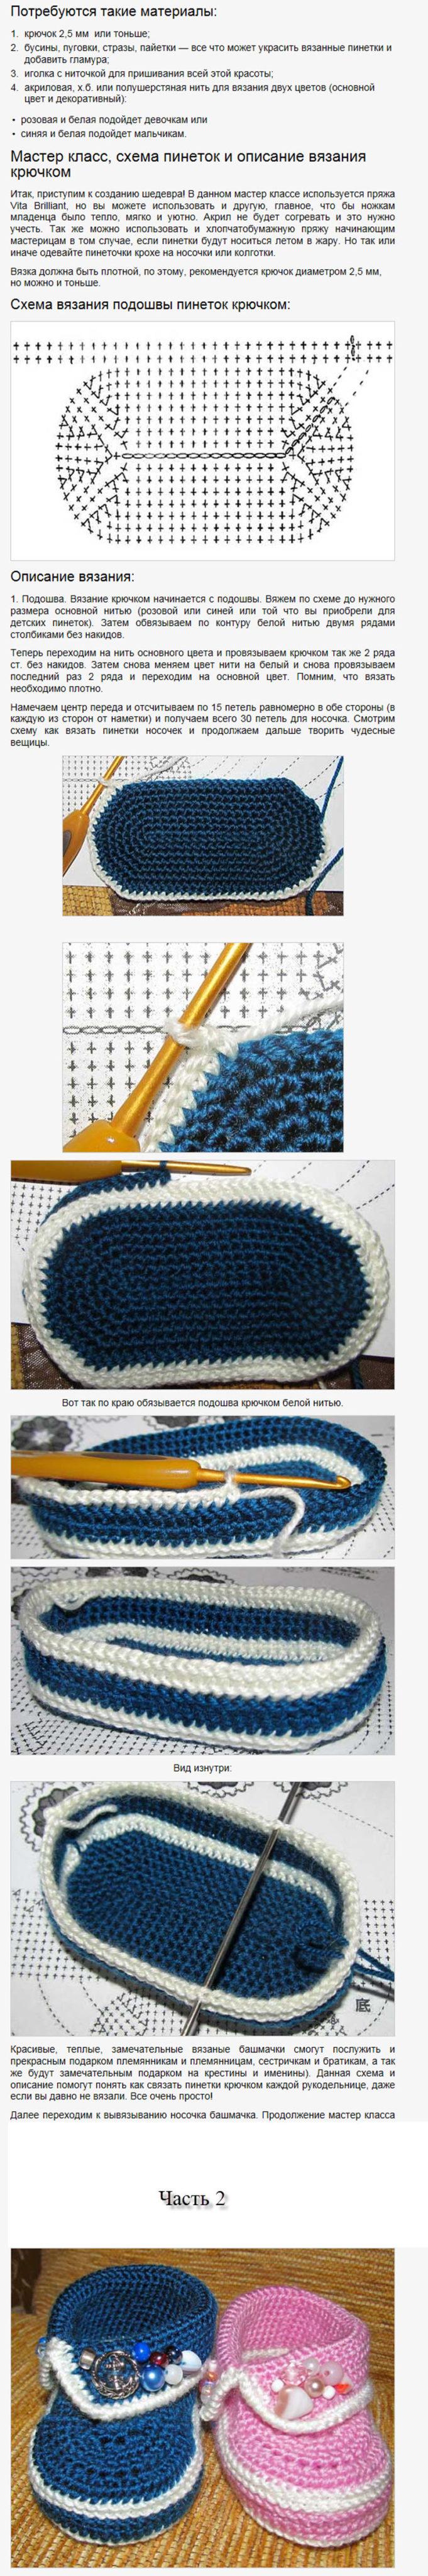 Фото и схема пинеток крючком для мальчика